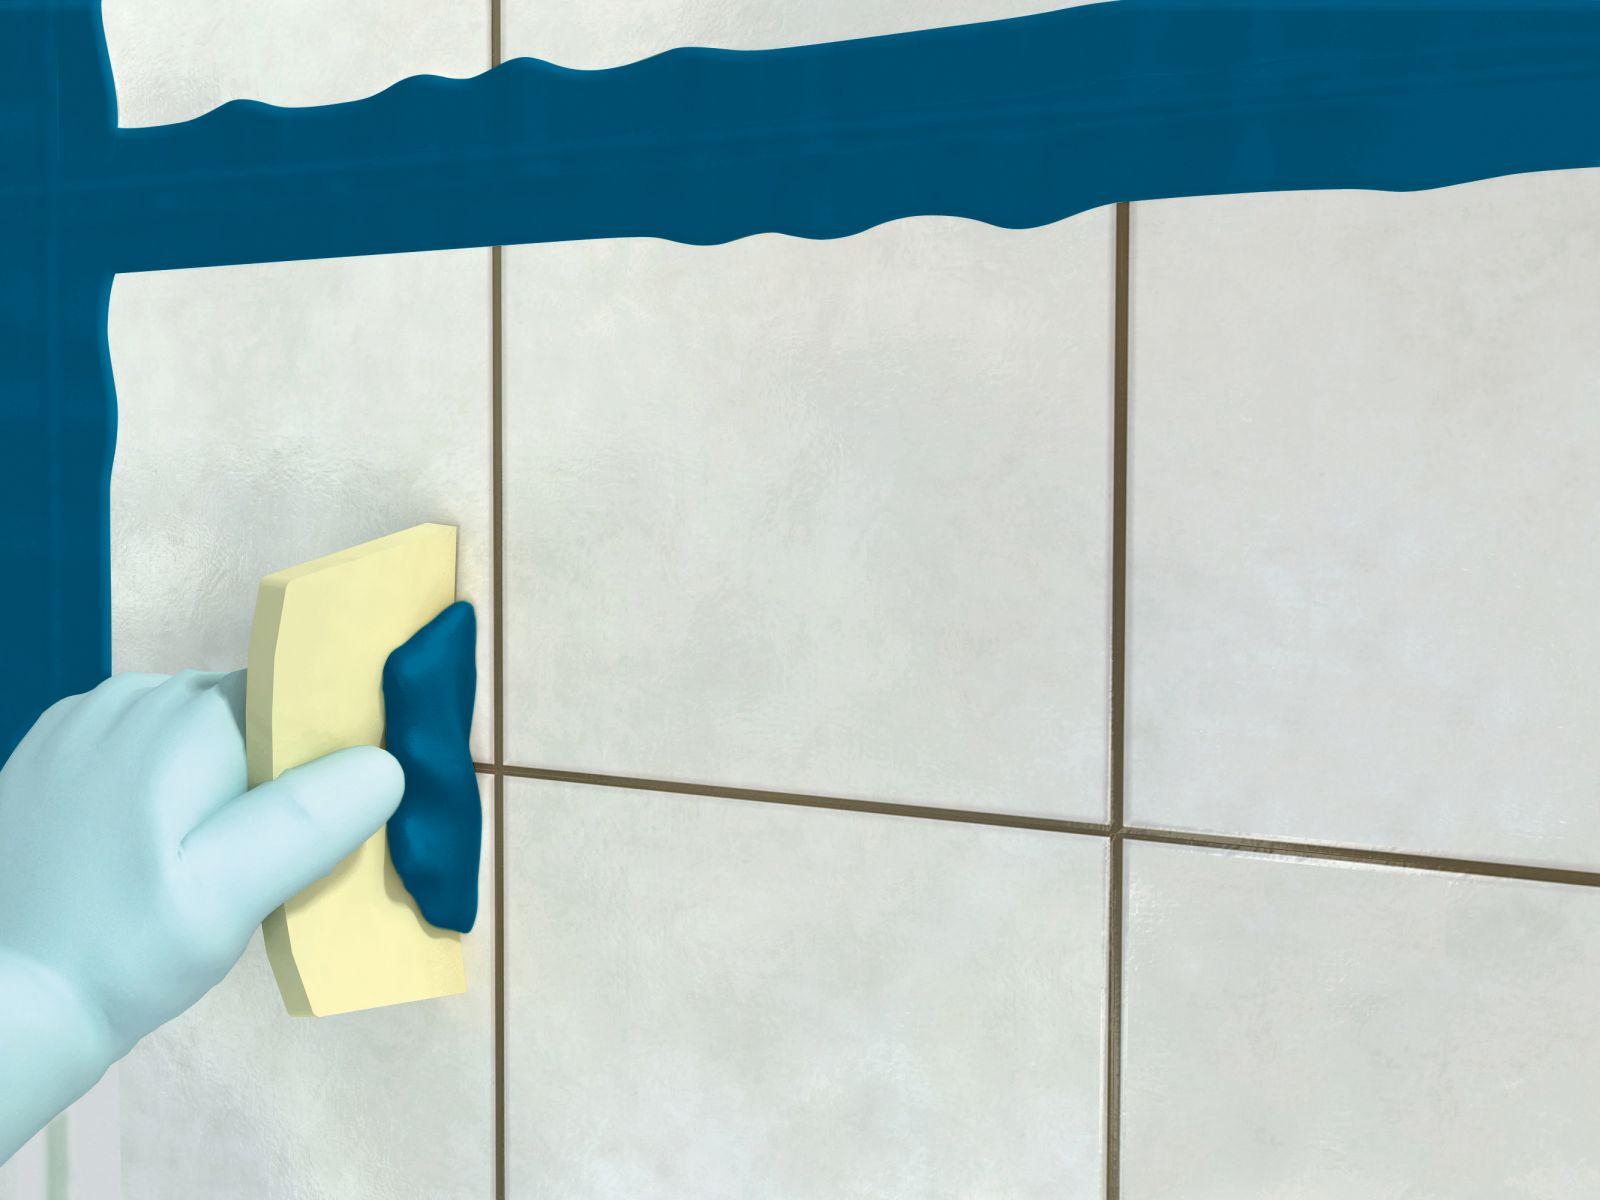 como rejuntar cermicas e azulejos passo a passo